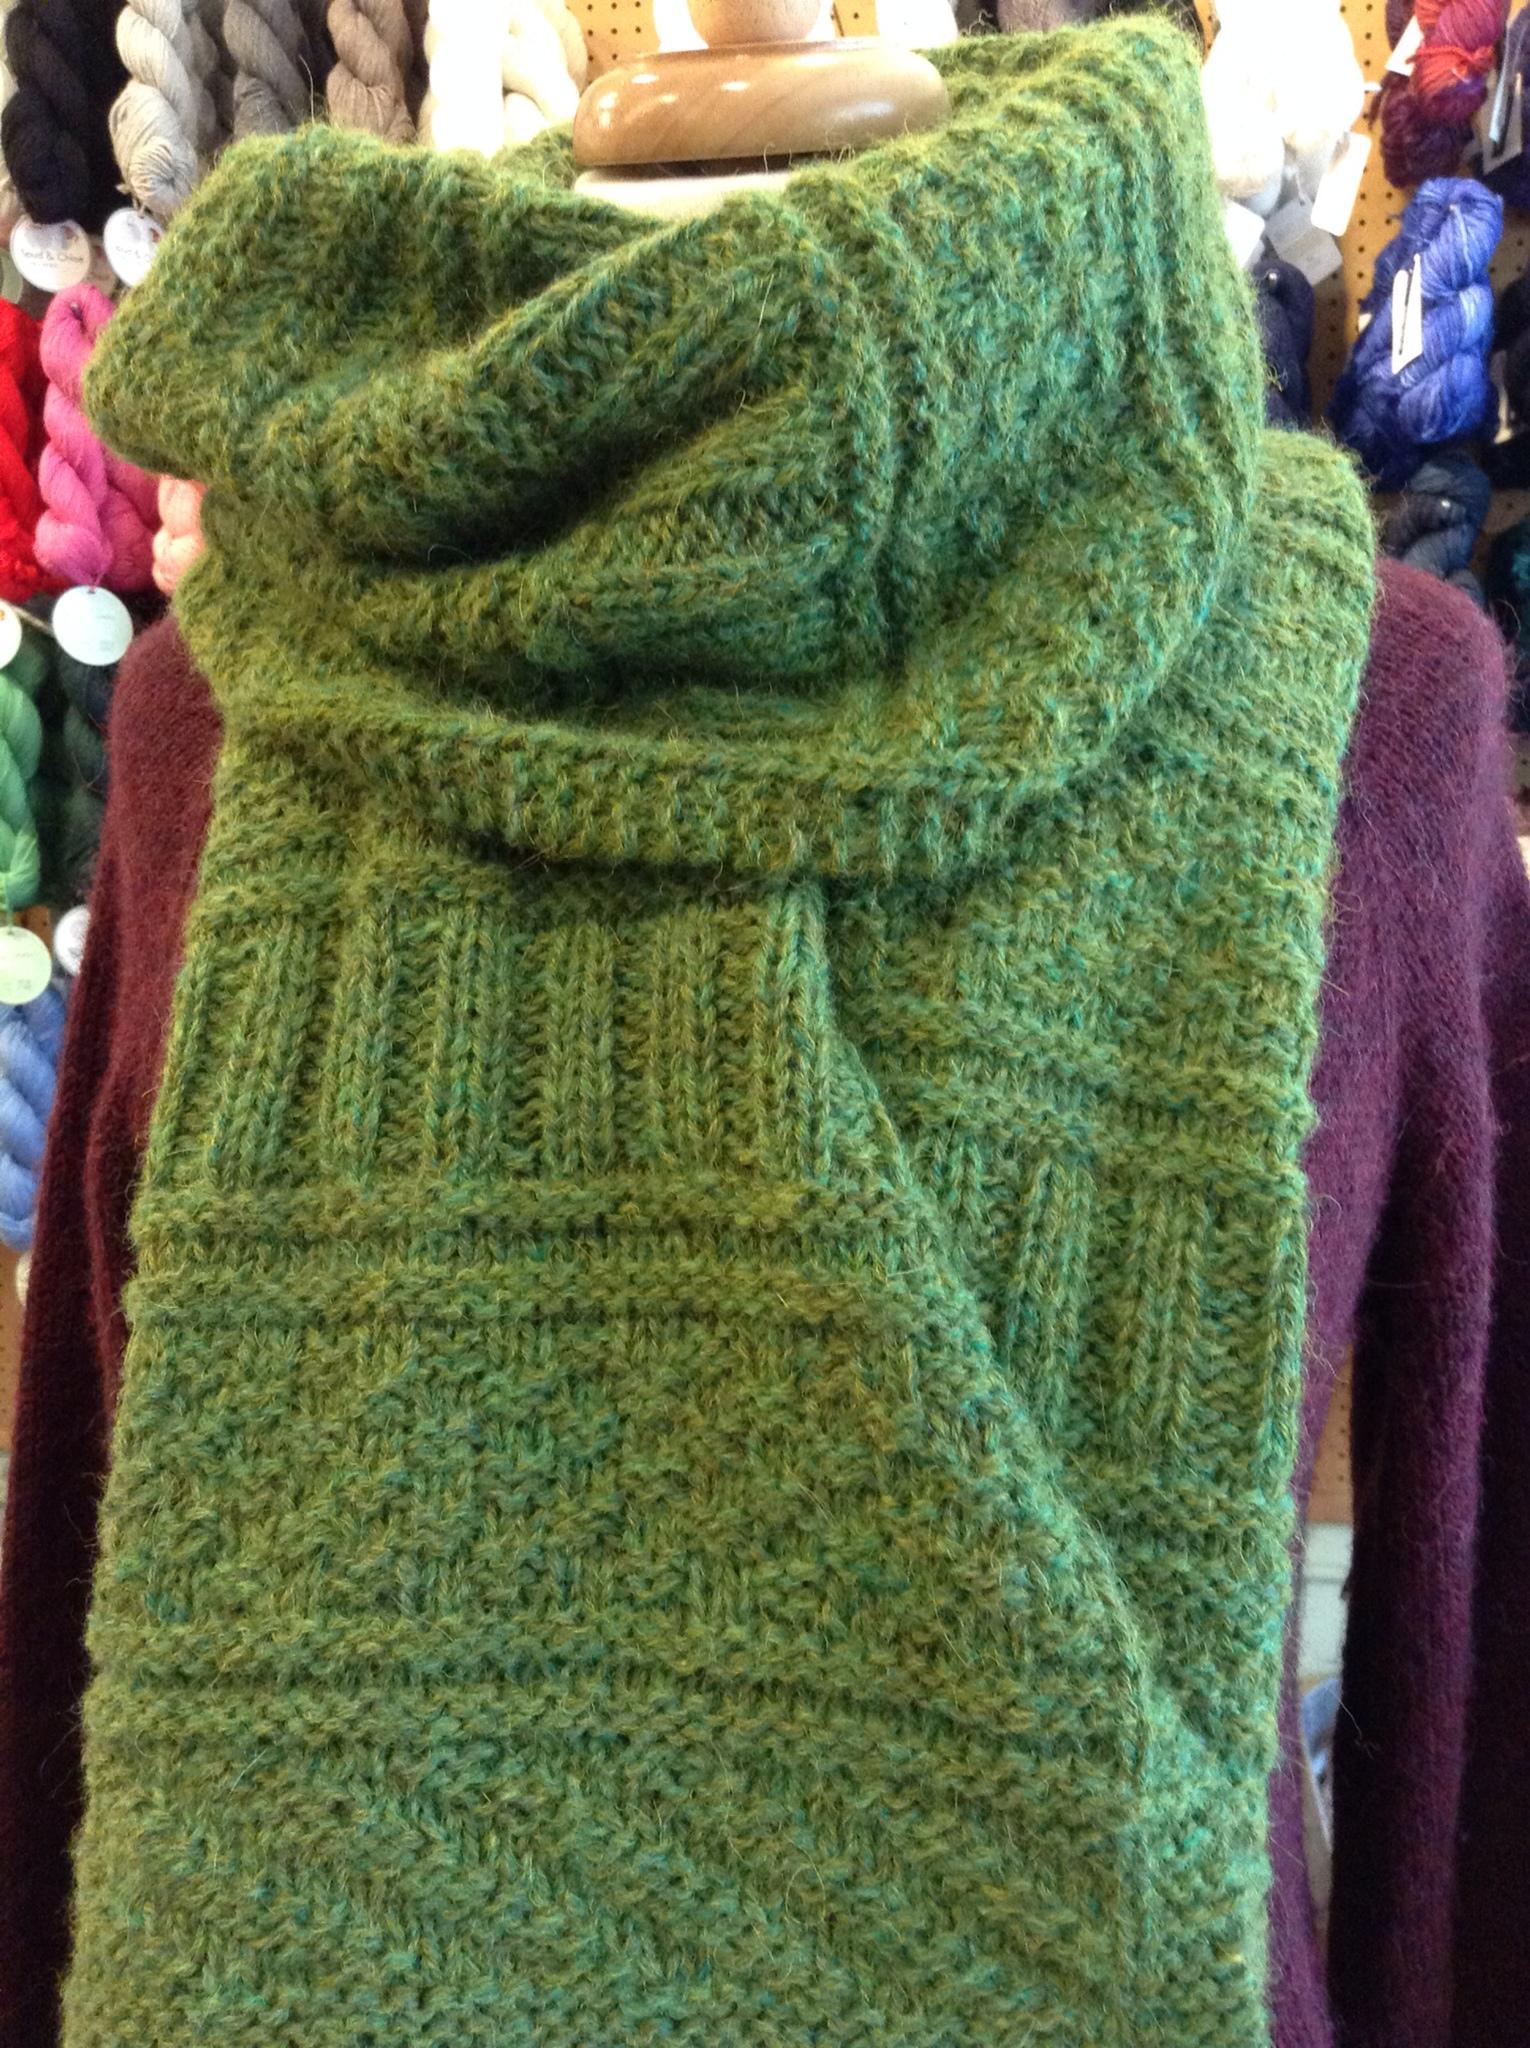 49e95734d Our Green Guernsey Wrap